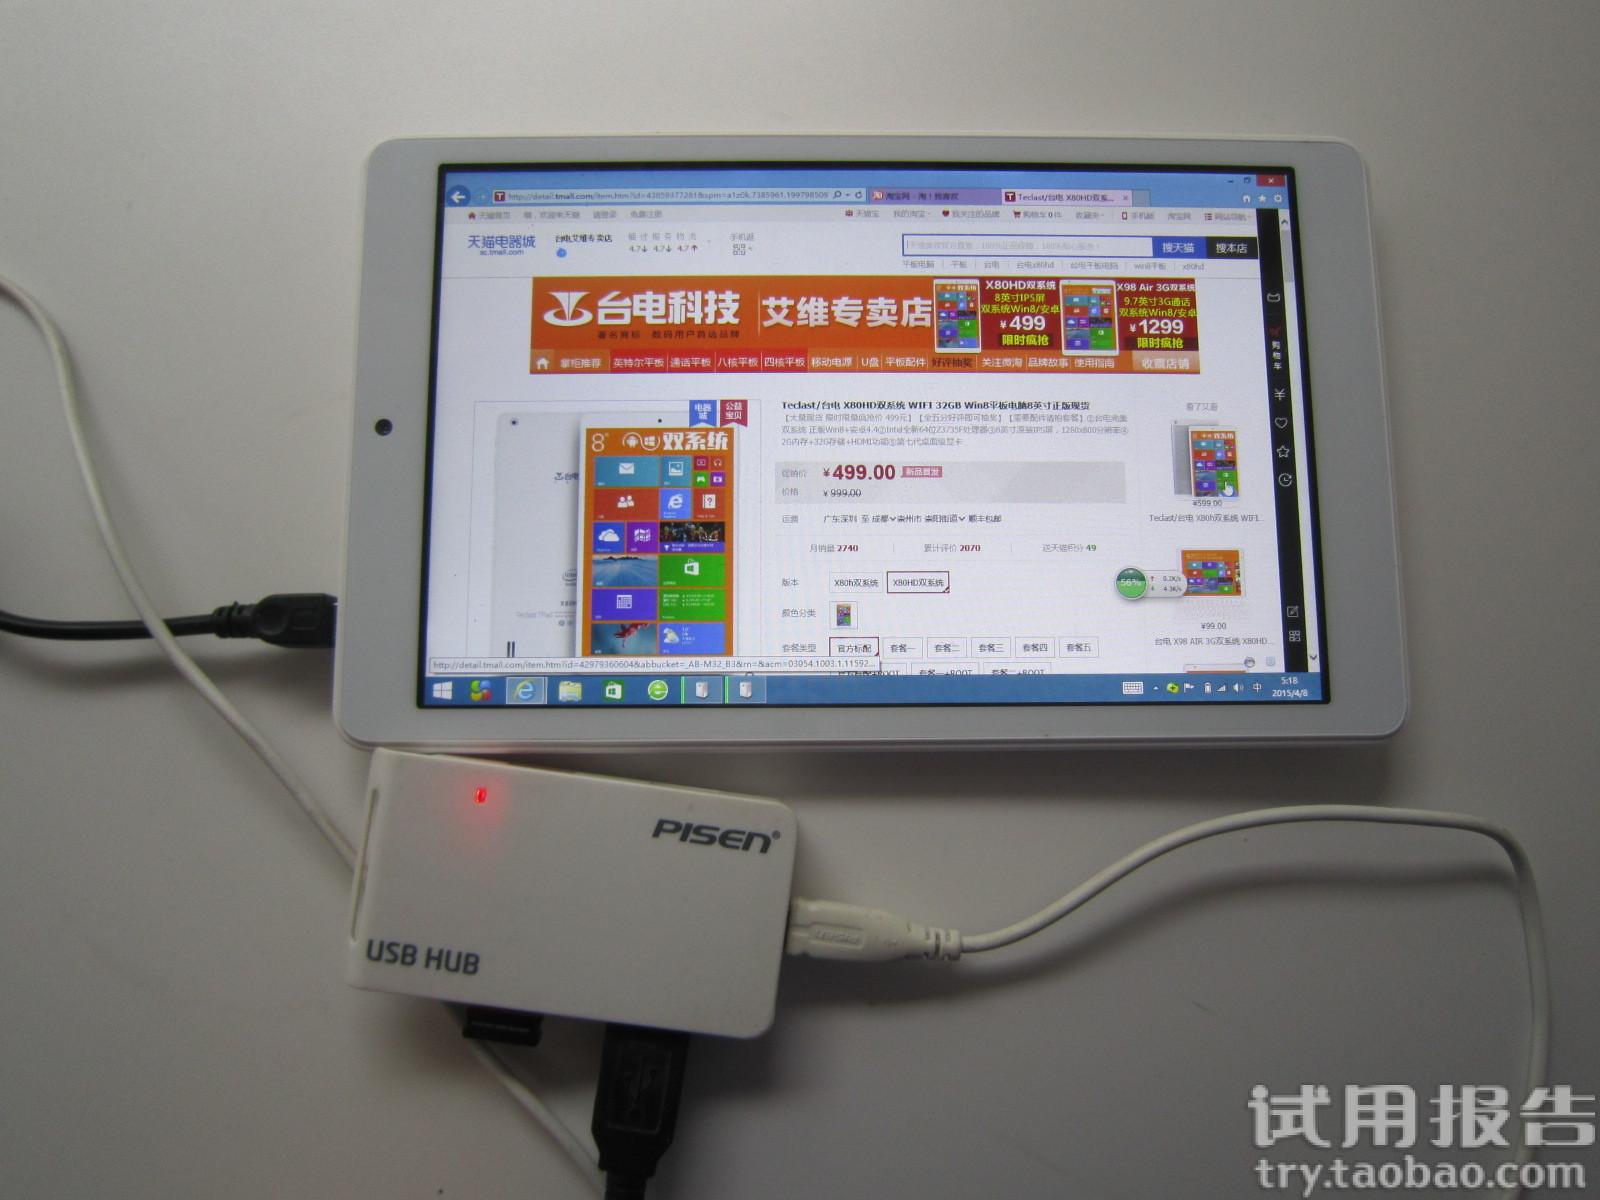 台电x80hd双系统